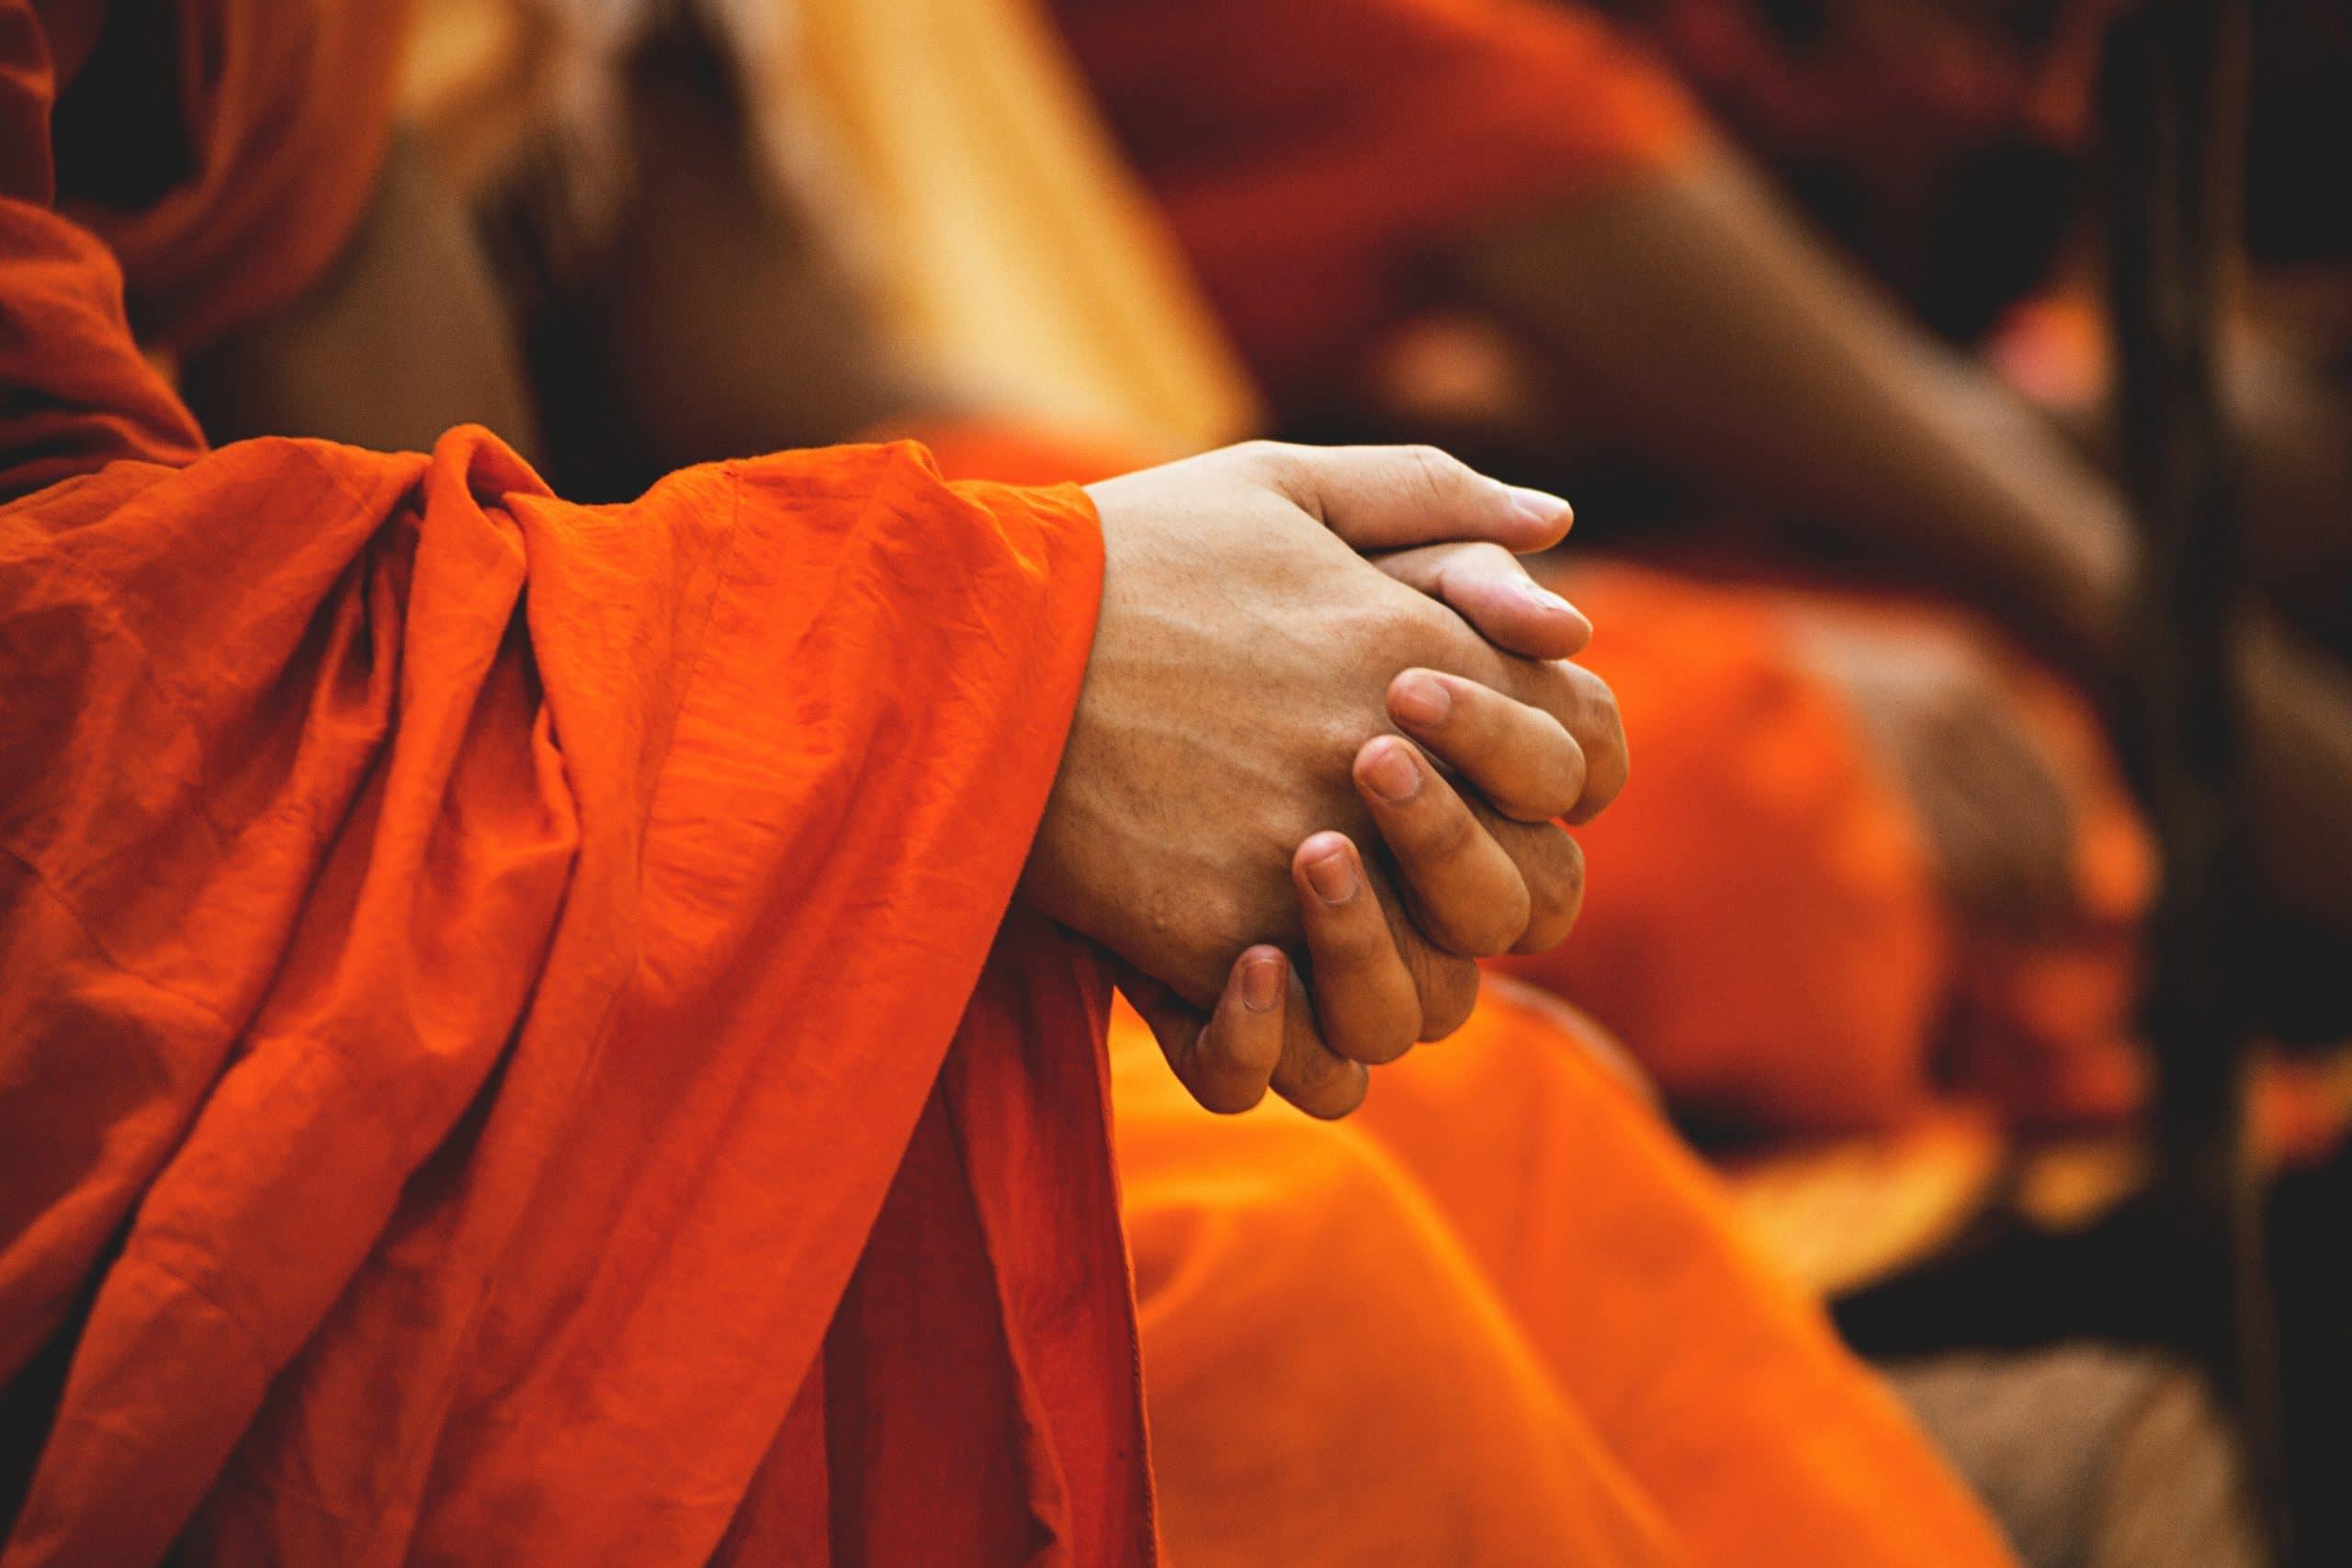 Mãos de um monge budista em oração.